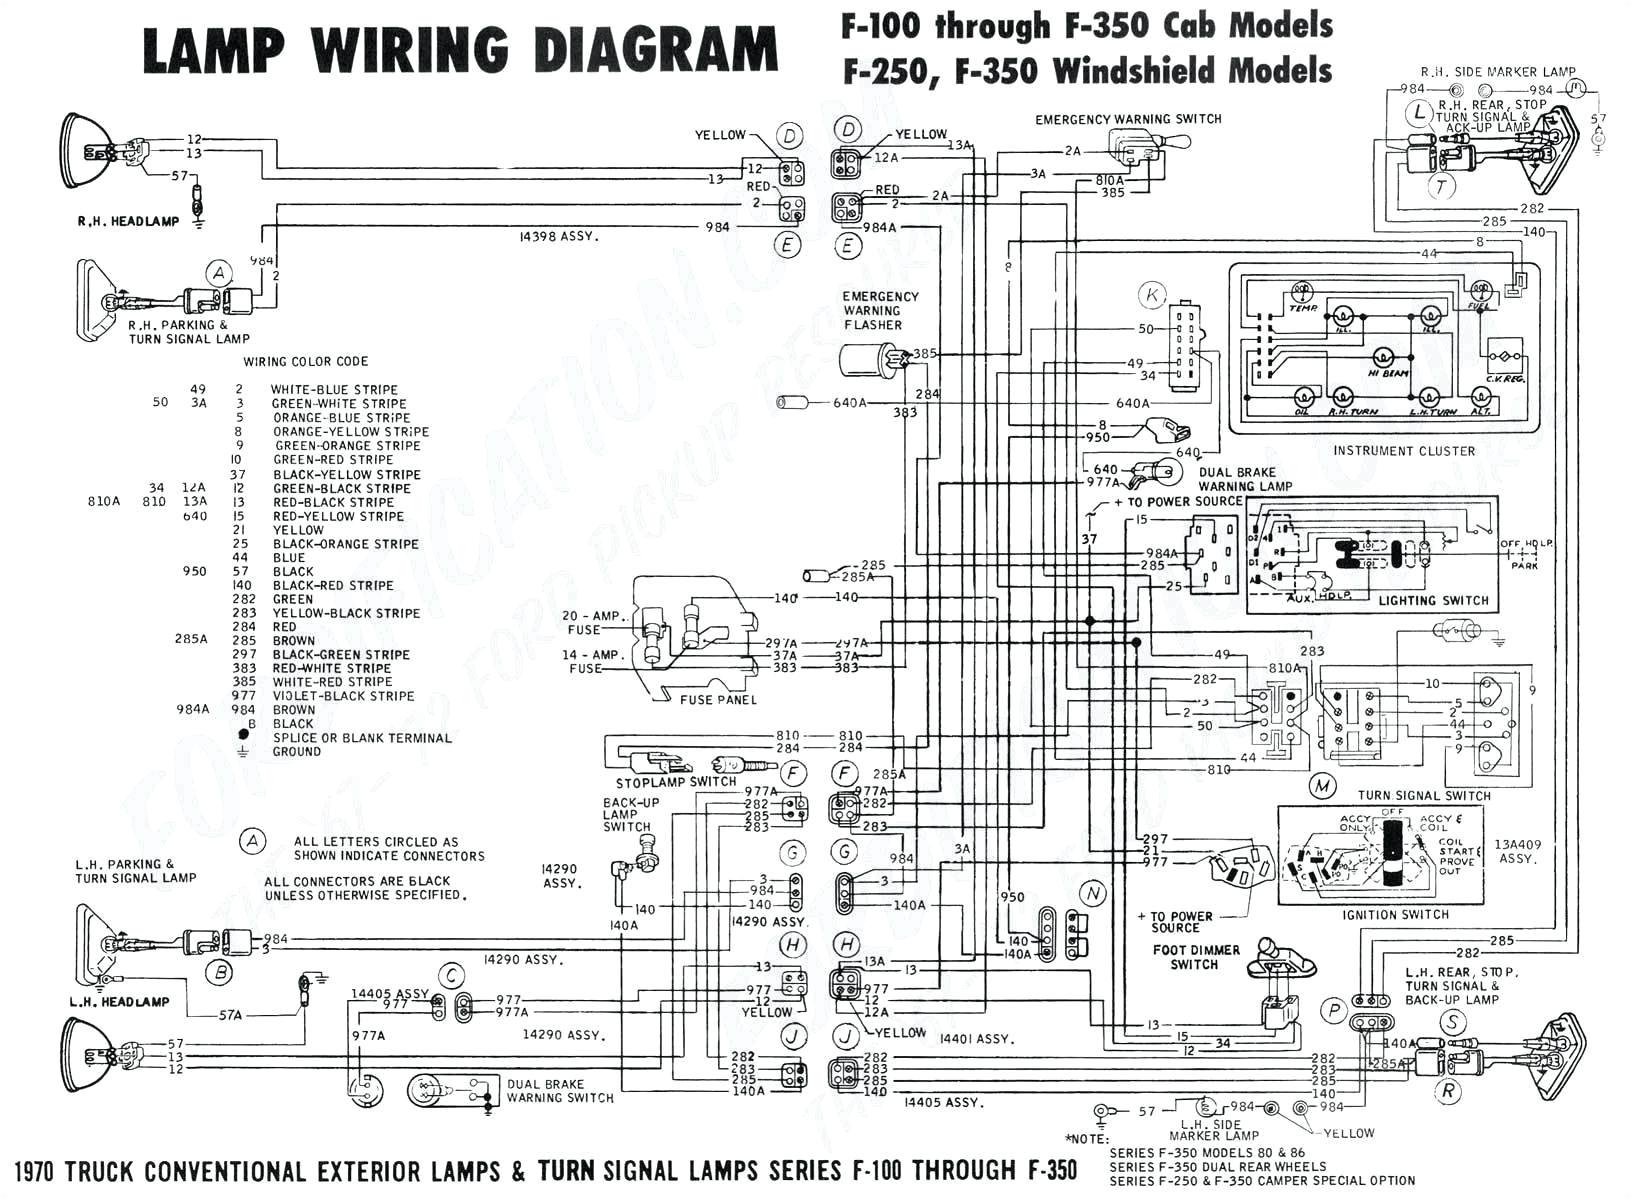 2008 Hummer H3 Radio Wiring Diagram 2007 Hummer H3 Radio Wiring Wiring Diagram